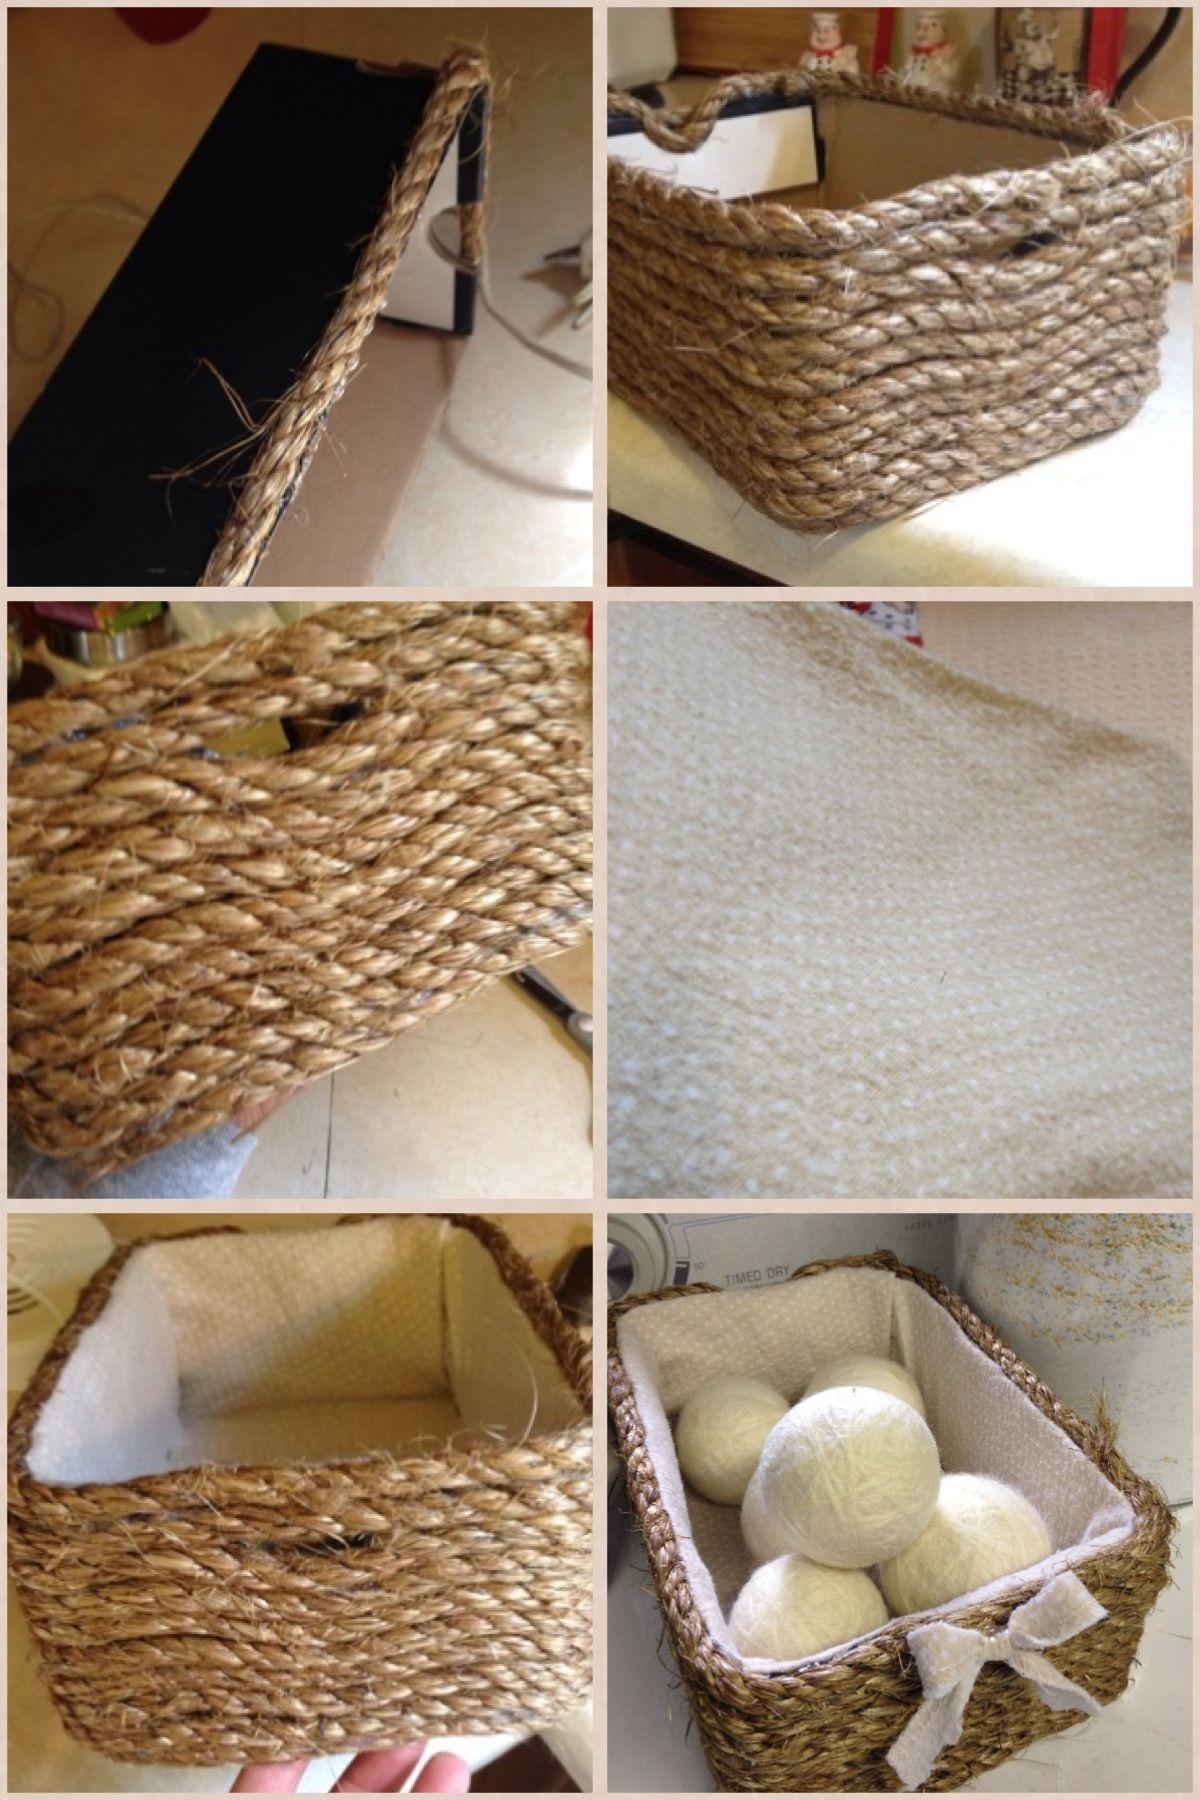 V rias ideias e unspira es par cests de corda sisal for Como criar cachamas en tanques plasticos